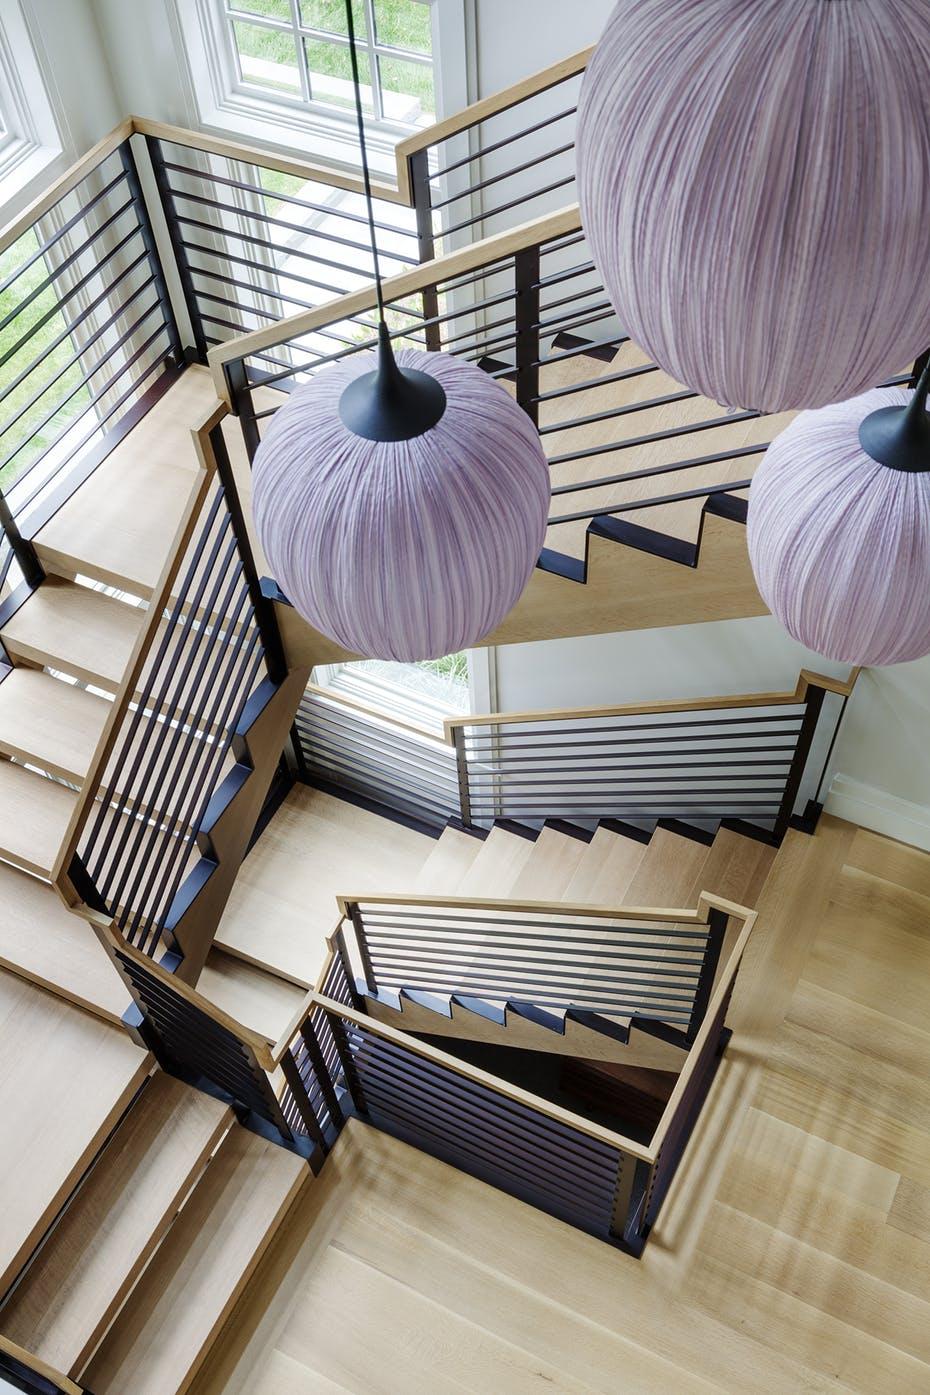 Những bộ đèn trang trí sắc màu này liệu có khiến ngôi nhà của bạn trở nên rực rỡ - Ảnh 3.